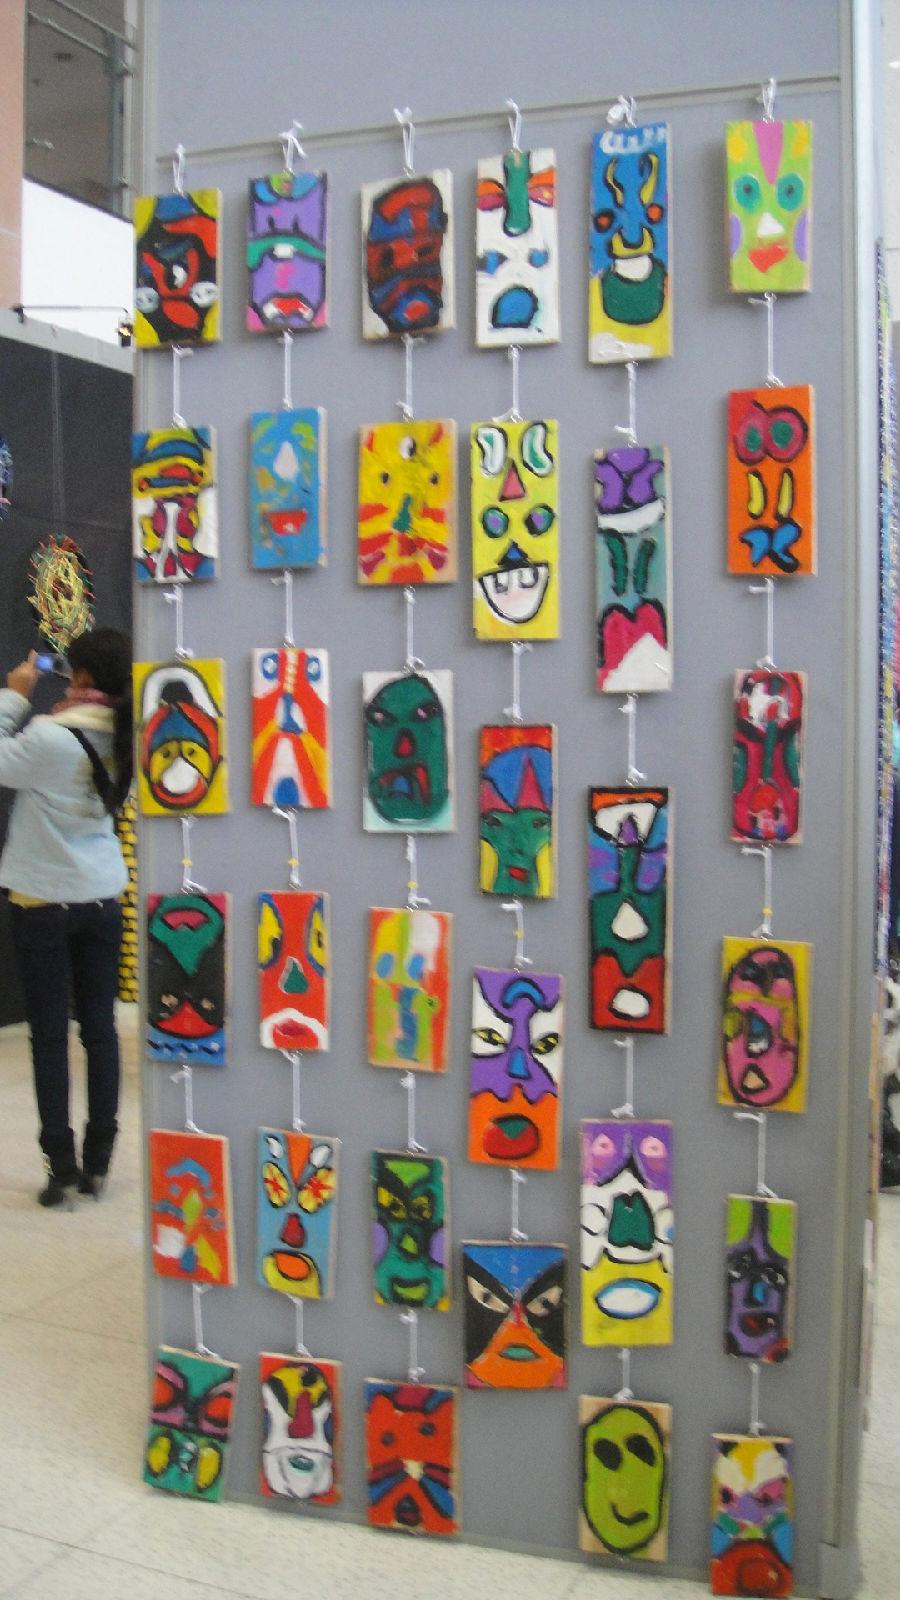 美工区创意展品展示,你会有意想不到的收获